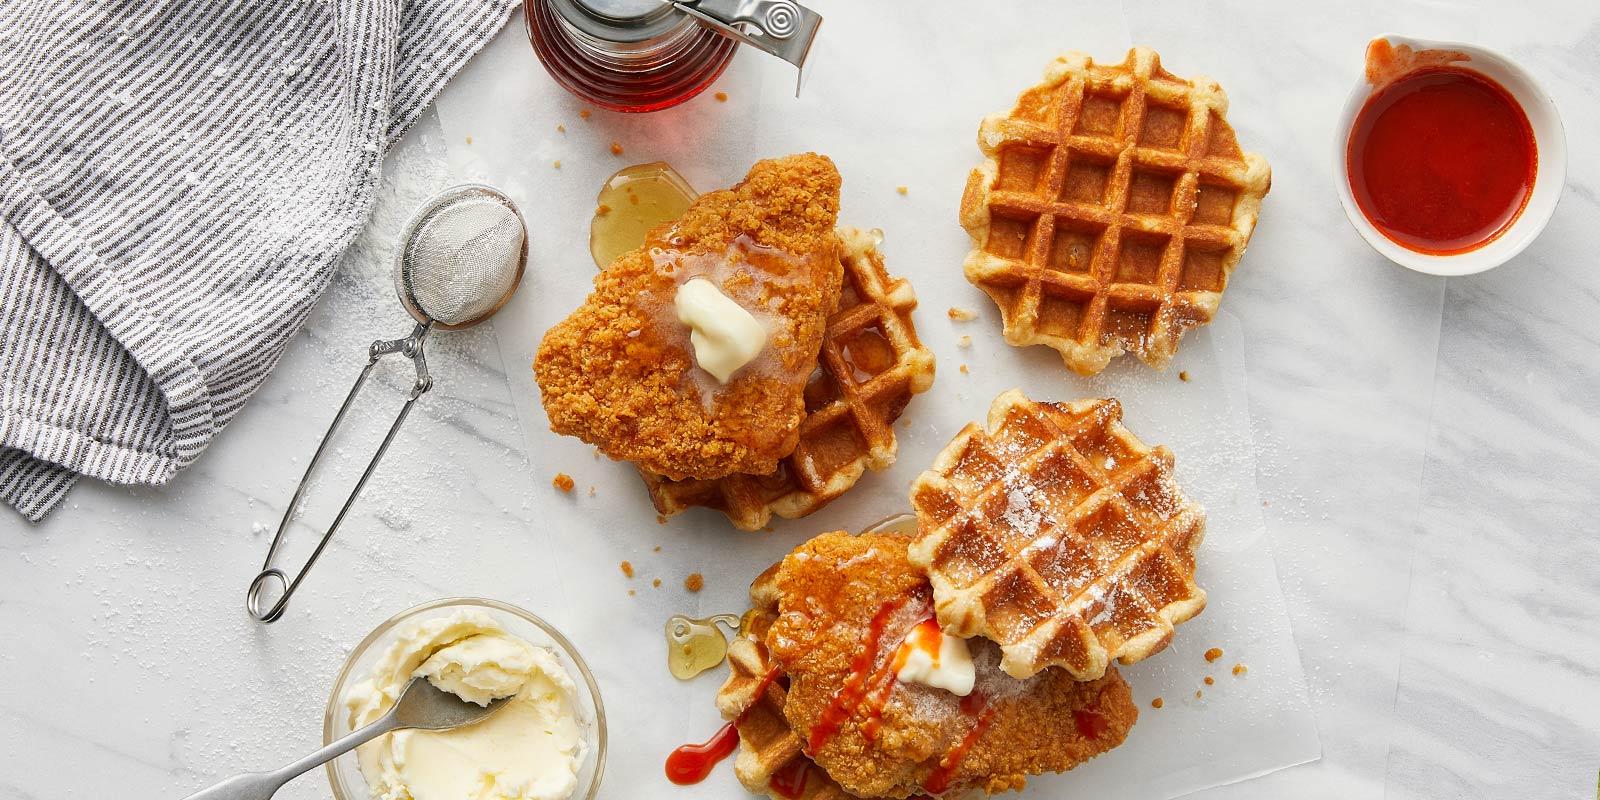 Chick'n & Waffles Breakfast Sandwich